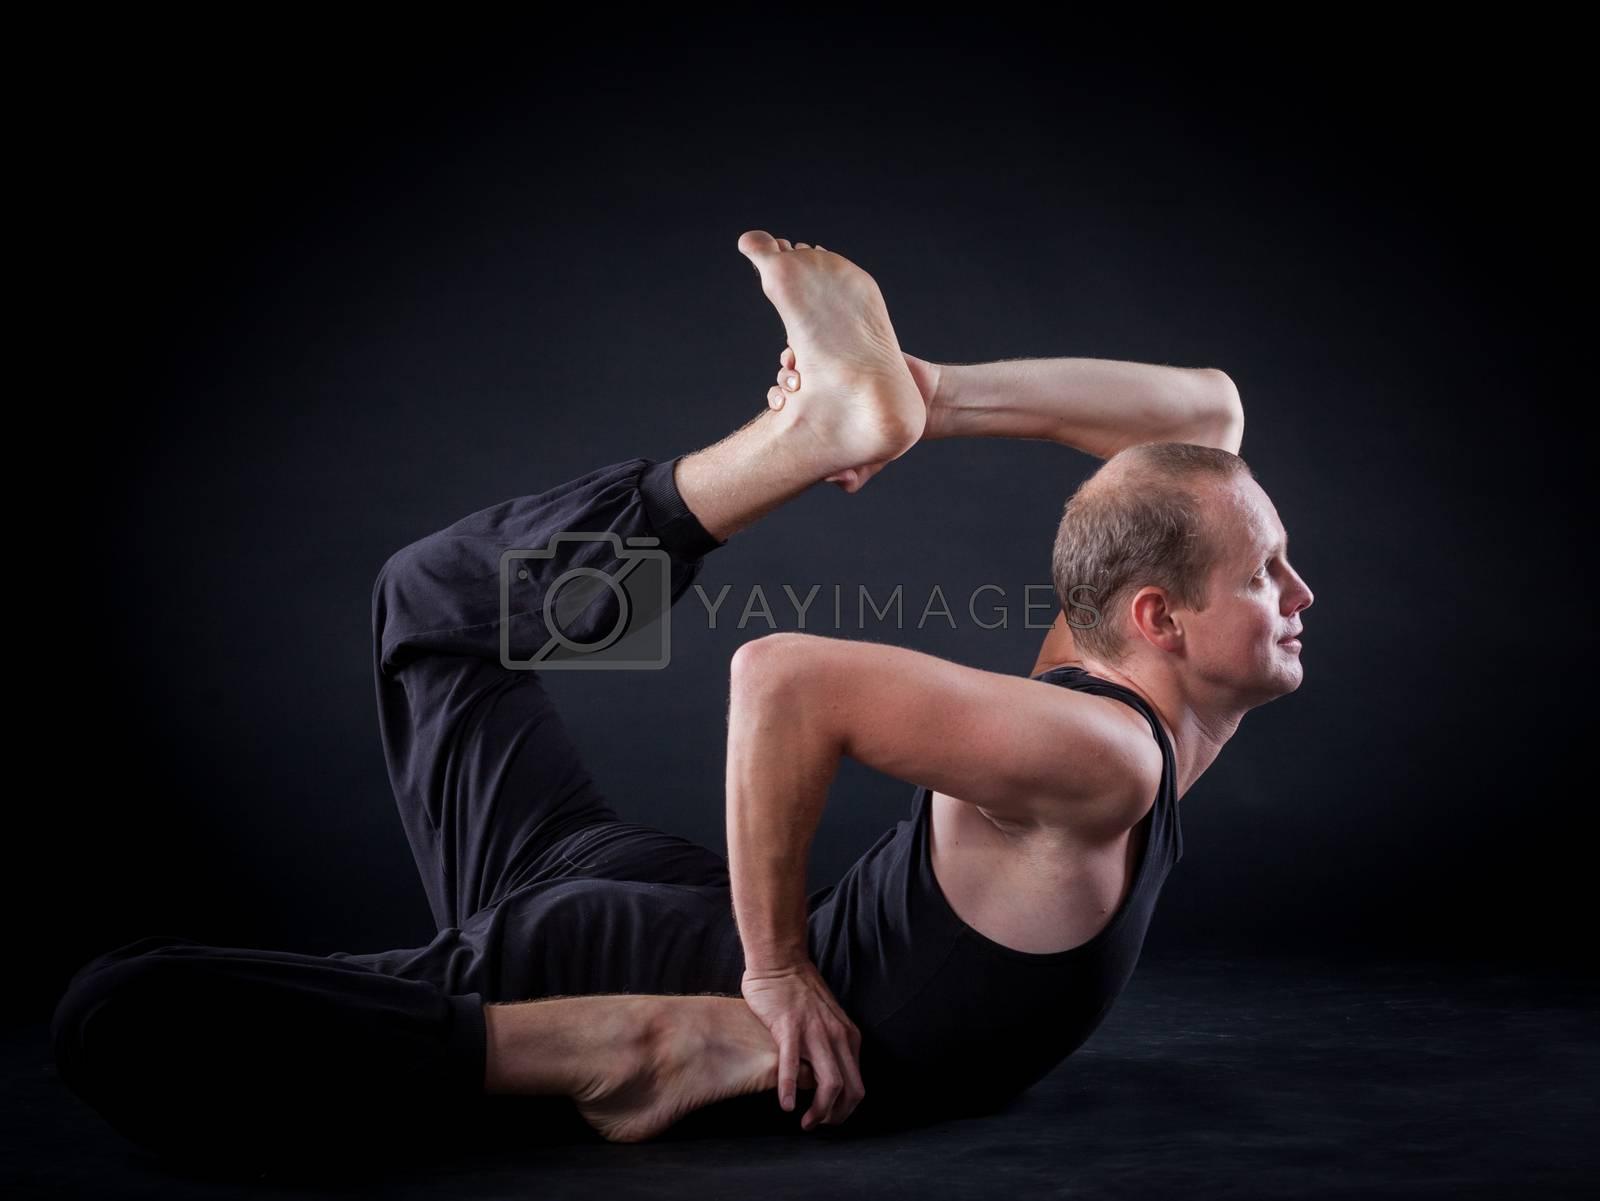 Handsome man doing yoga. Shot on black background